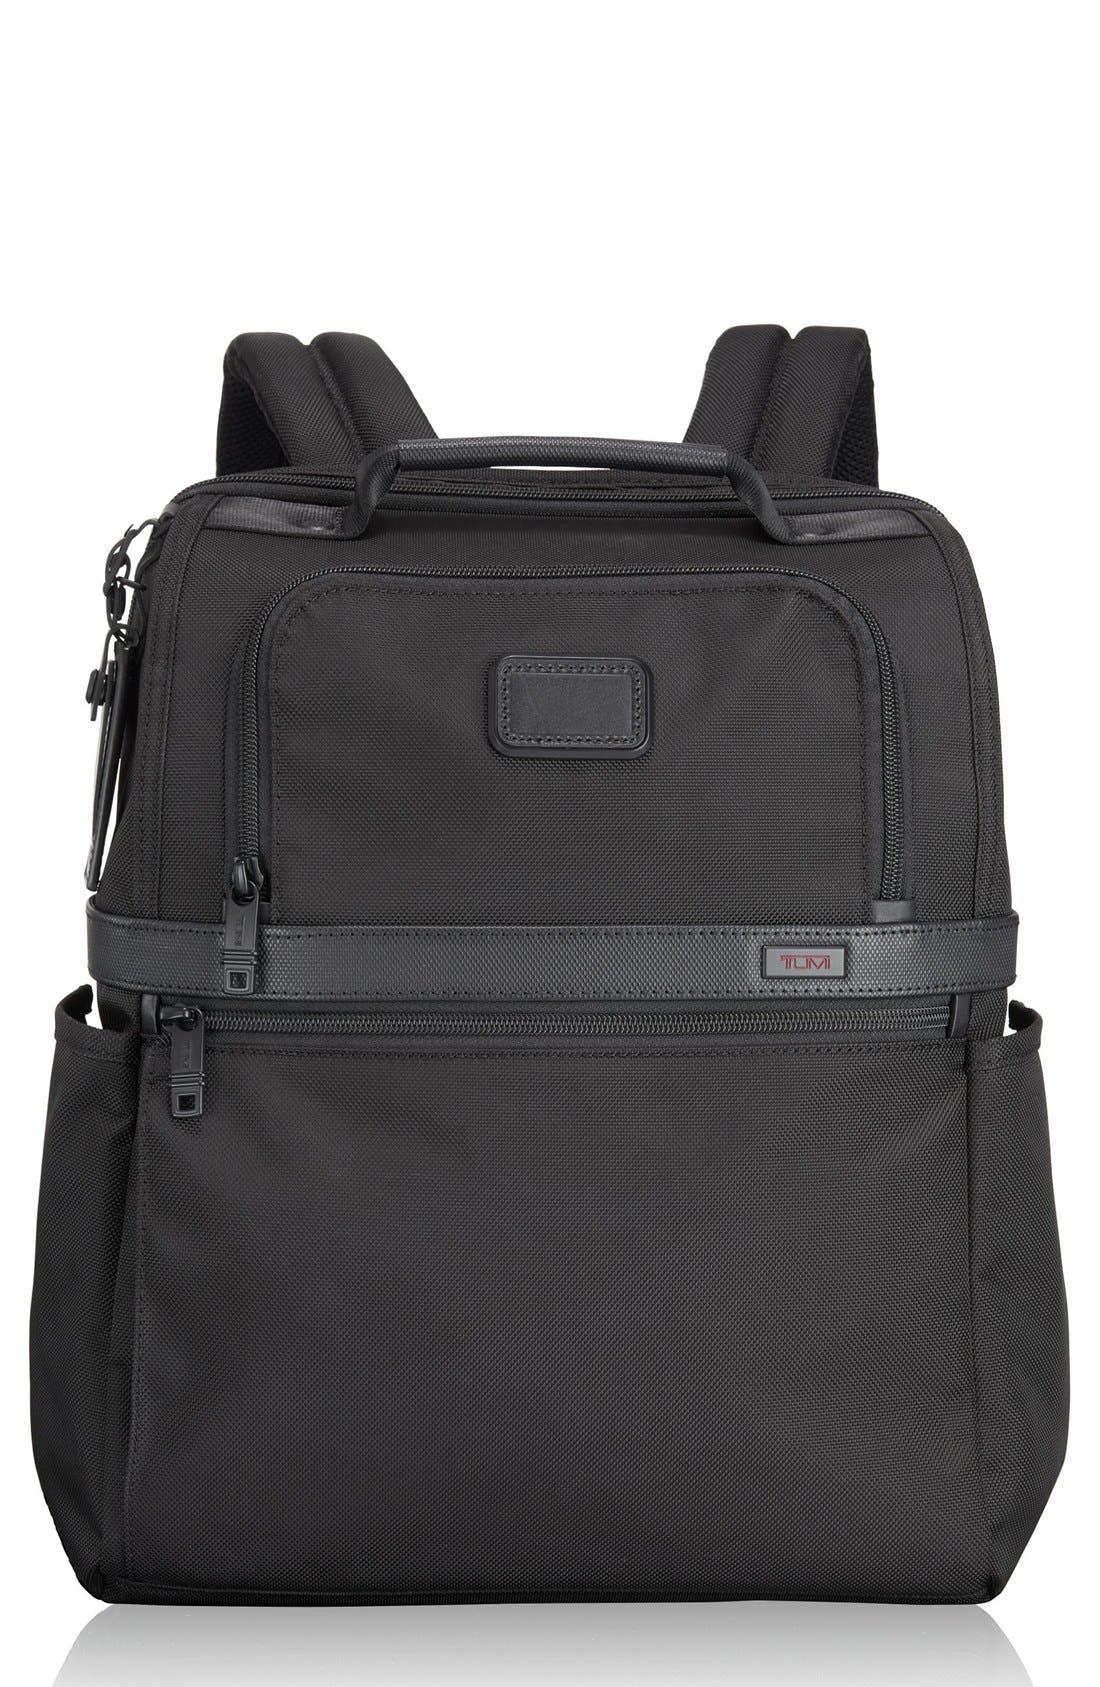 Tumi 'Slim Solutions' Briefpack